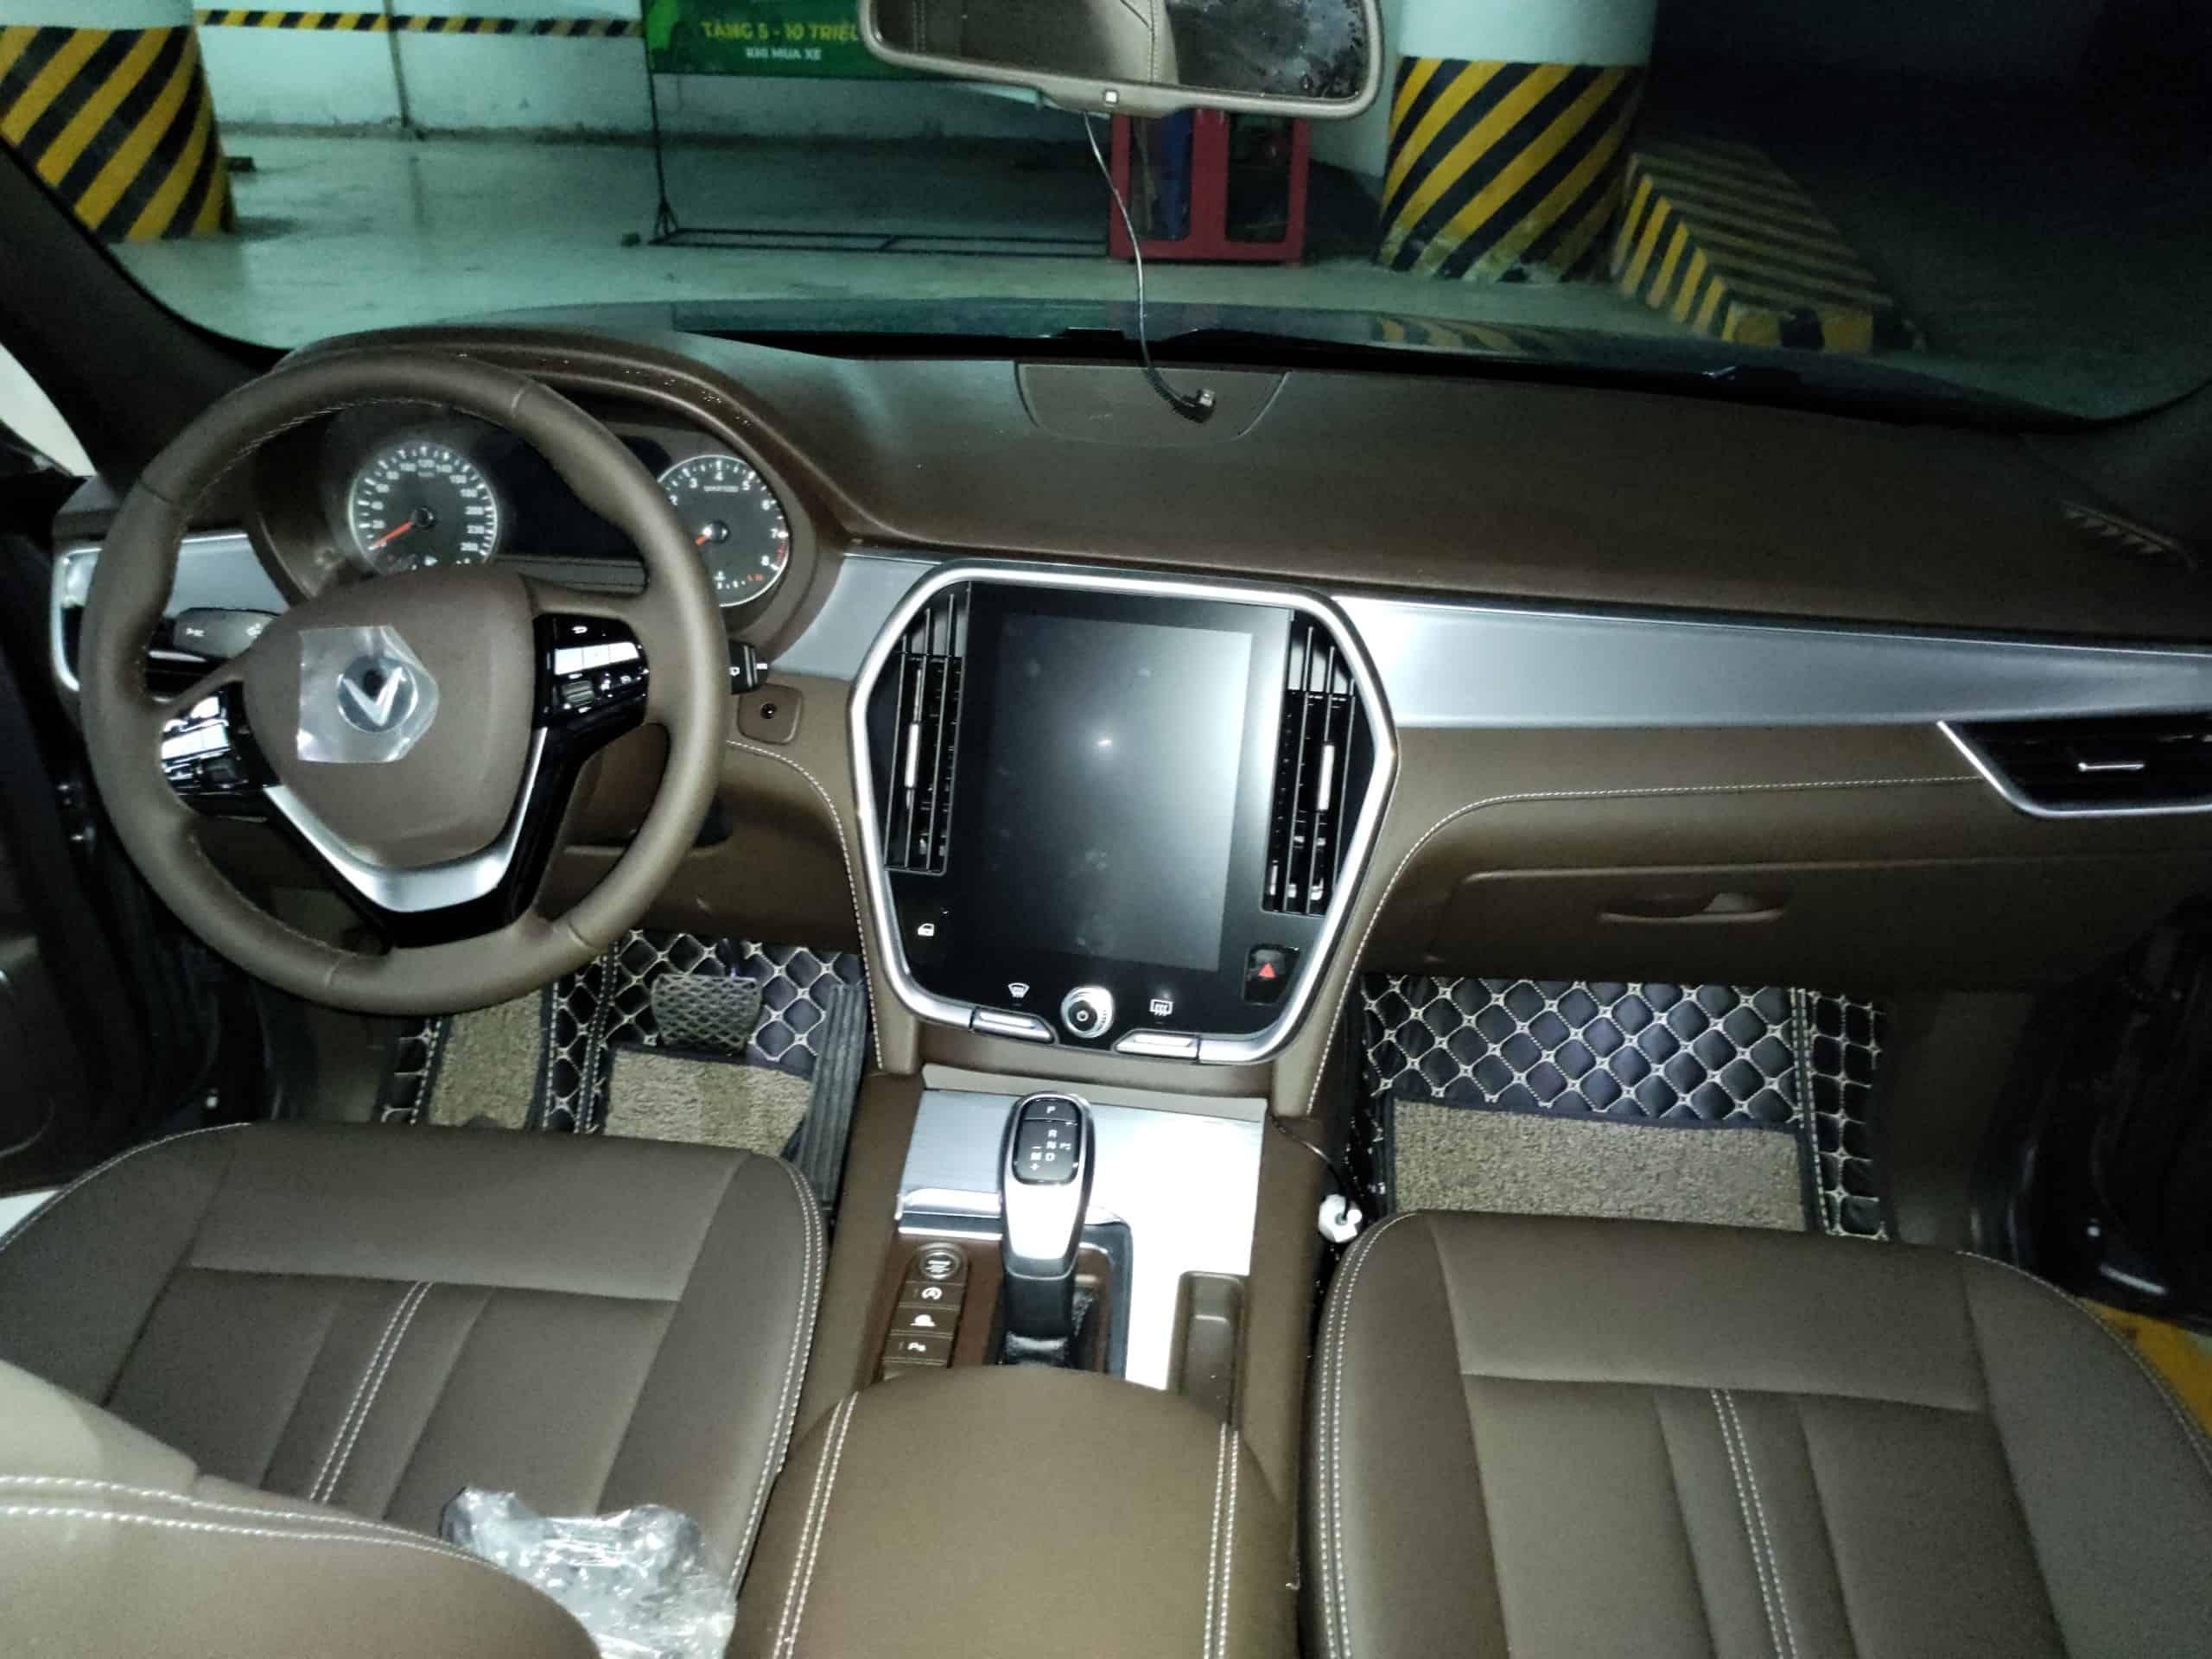 hàng ghế trước nội thất da nappa đen, táp lô ốp nhôm của VinFast Lux A2.0 bản cao cấp (premium)